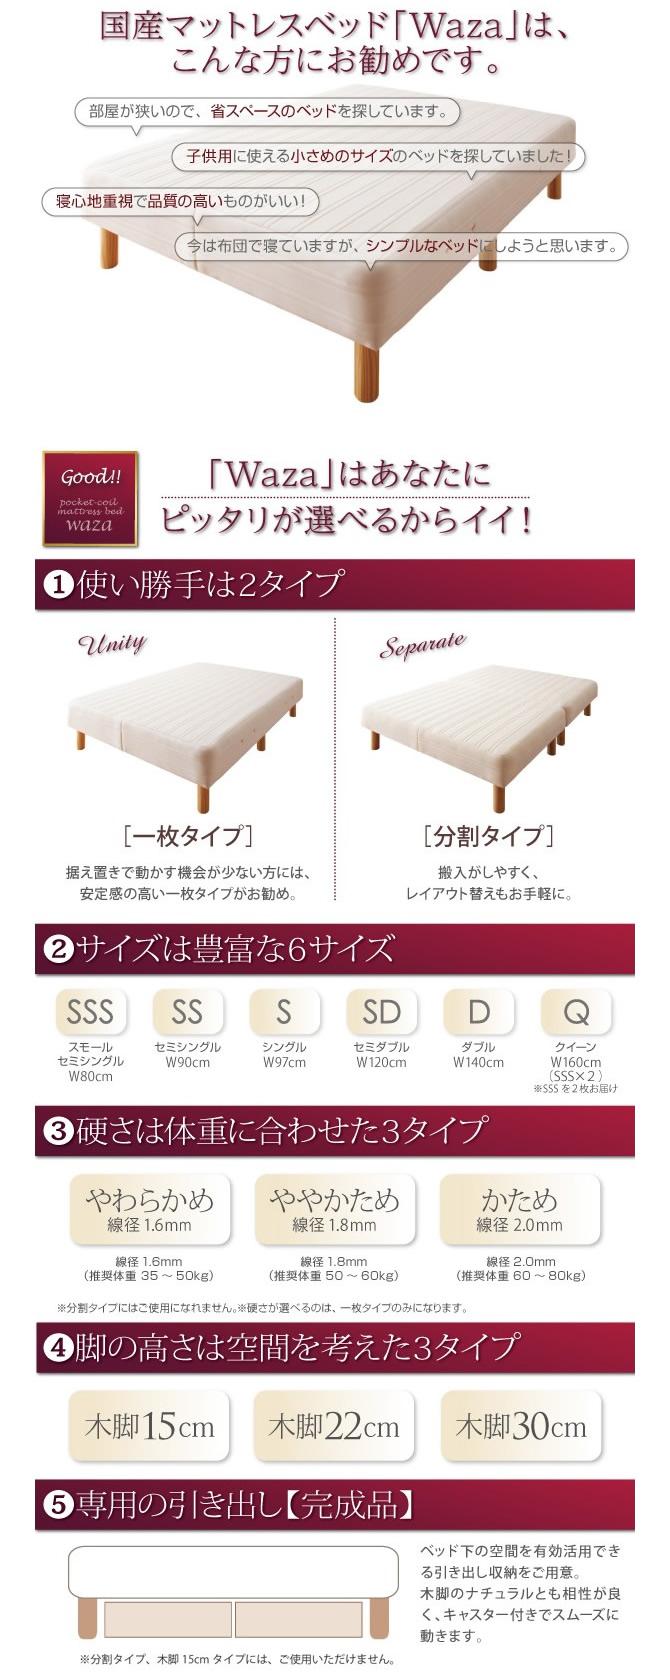 マットレスベッドはこんな方にお勧めです。